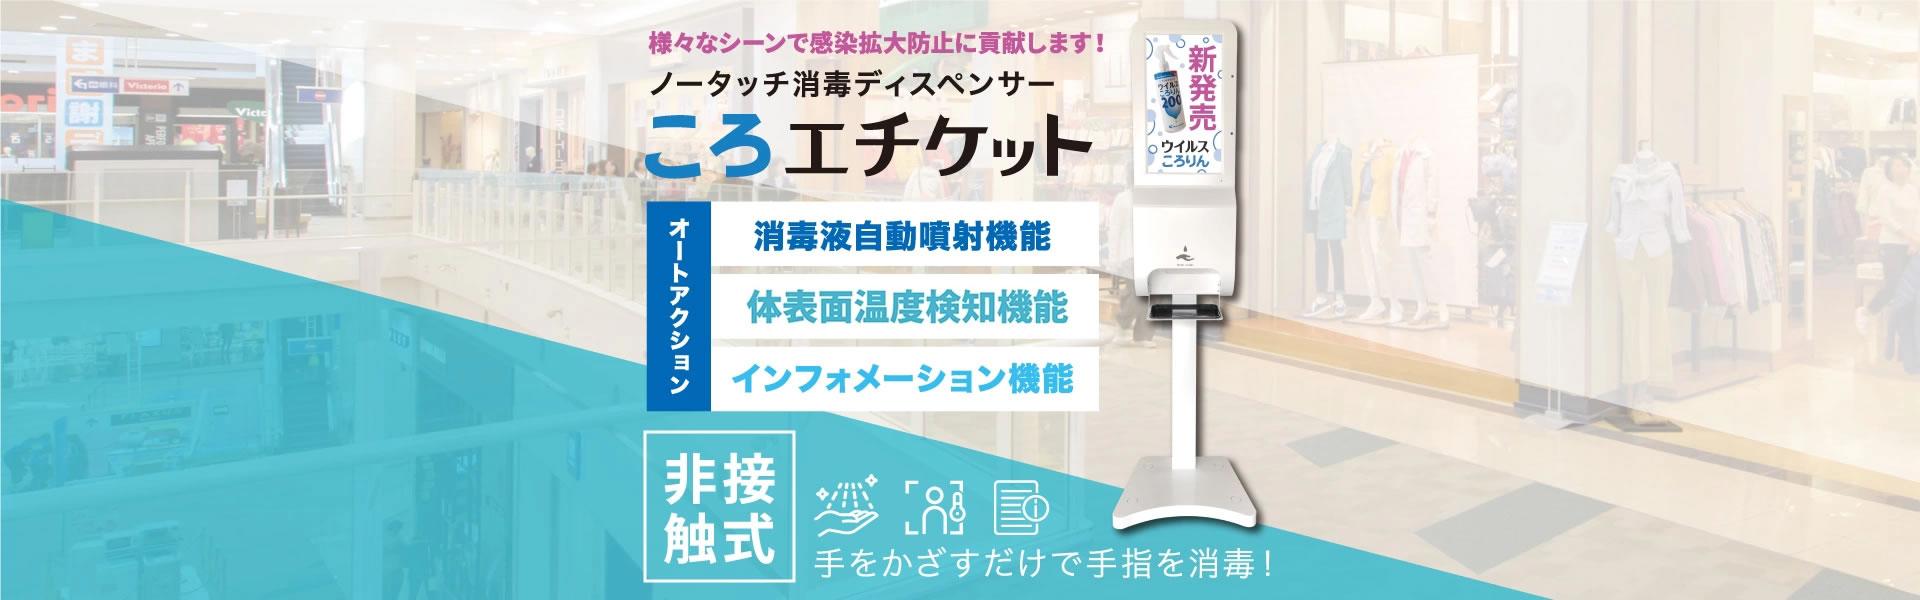 ハンドウォッシュ+体温測定機能内蔵のインフォメーション・デジタルサイネージ ころエチケット